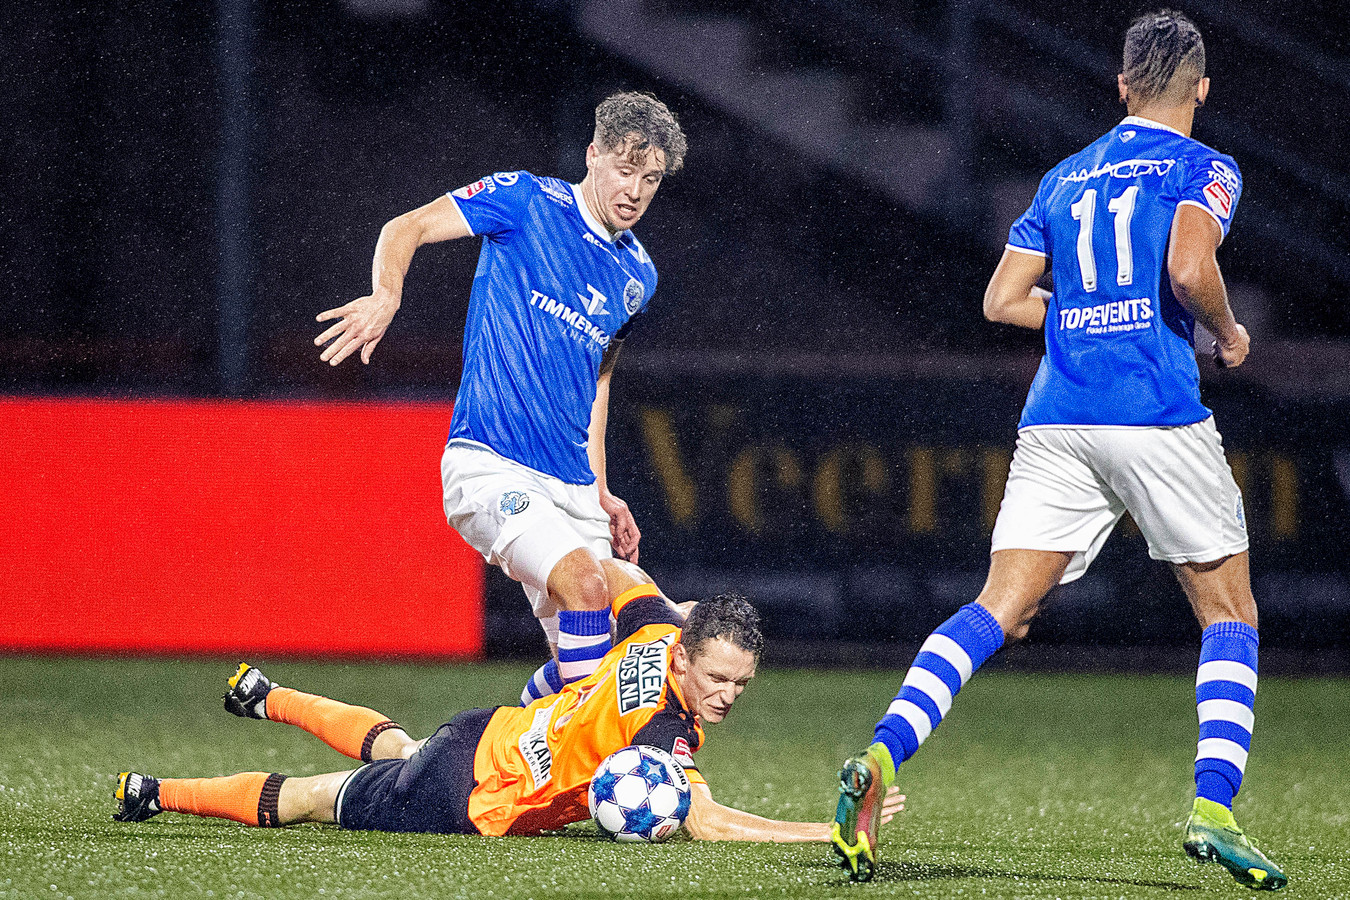 Frank Sturing (staand) duelleert voor FC Den Bosch met de op grond liggende Martijn Kaars van FC Volendam.